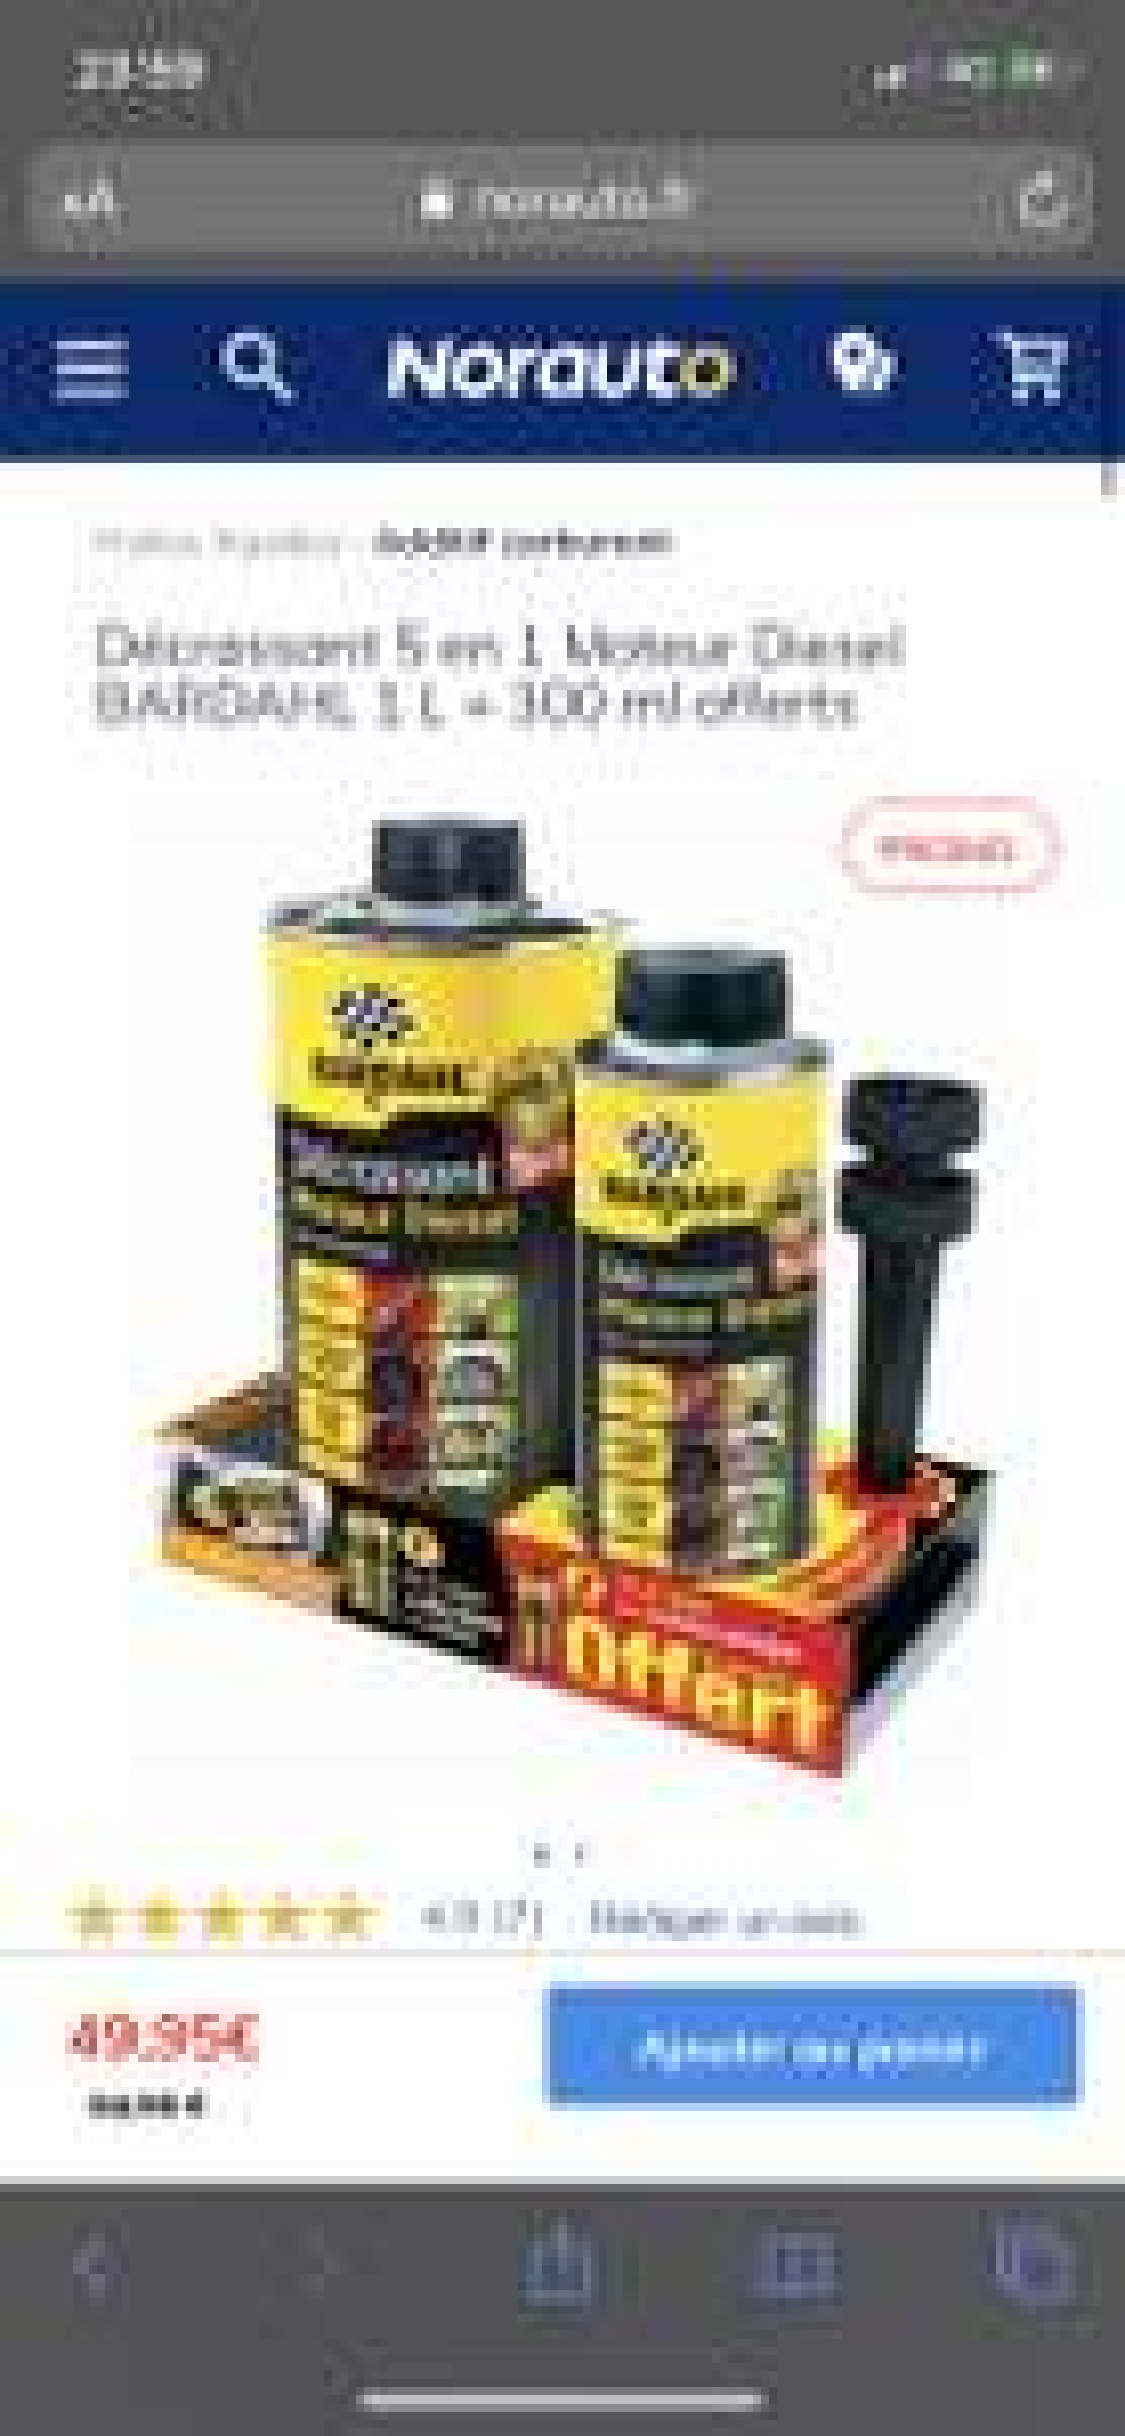 Décrassant 5 en 1 Moteur Diesel BARDAHL 1 L + 300 ml